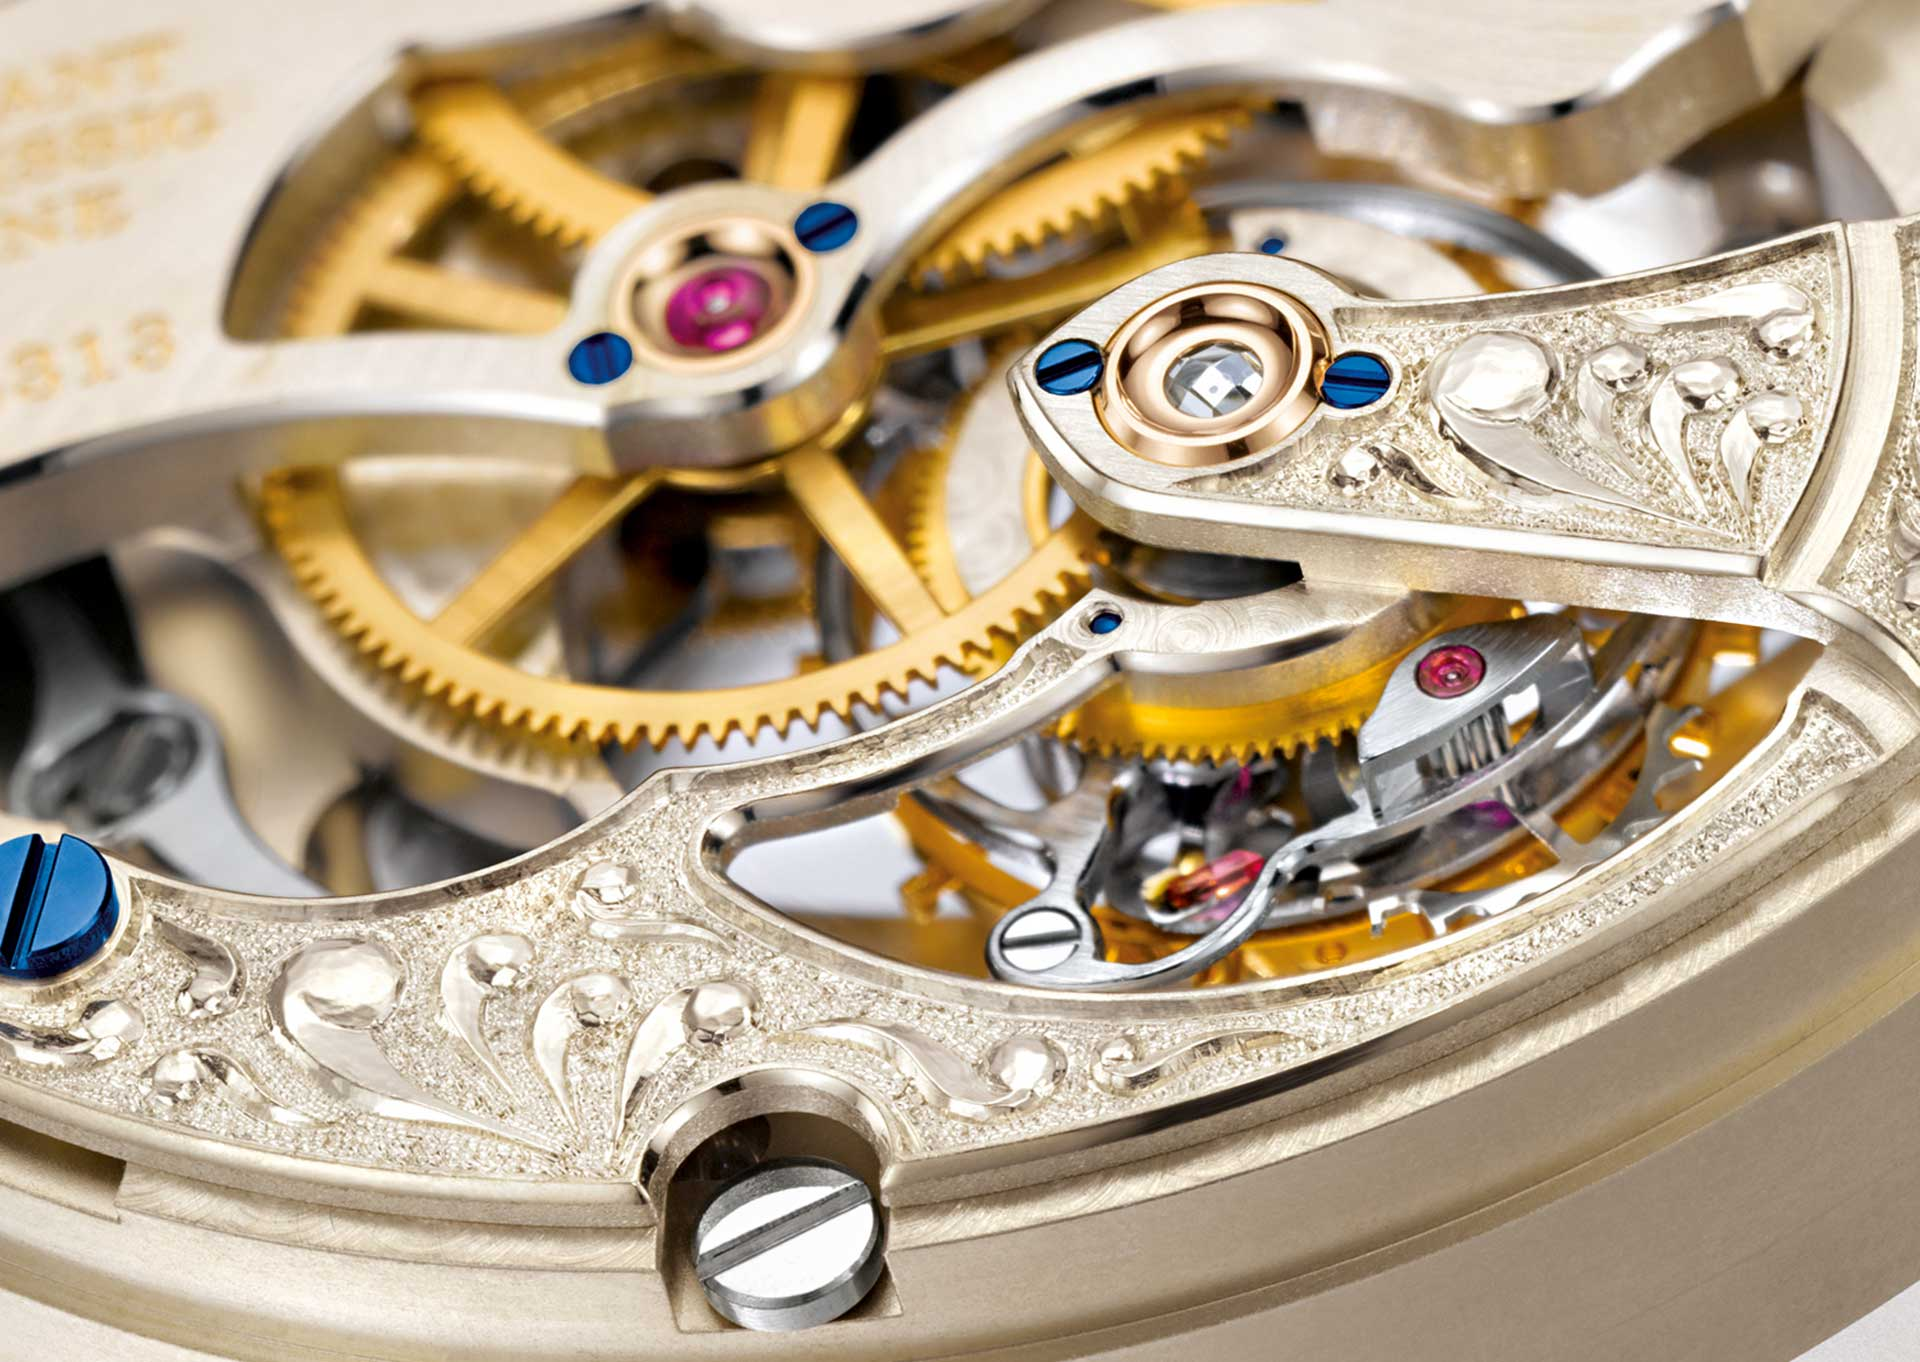 Von Hand gravierter Unruhkloben in einem Uhrwerk von A. Lange & Söhne.